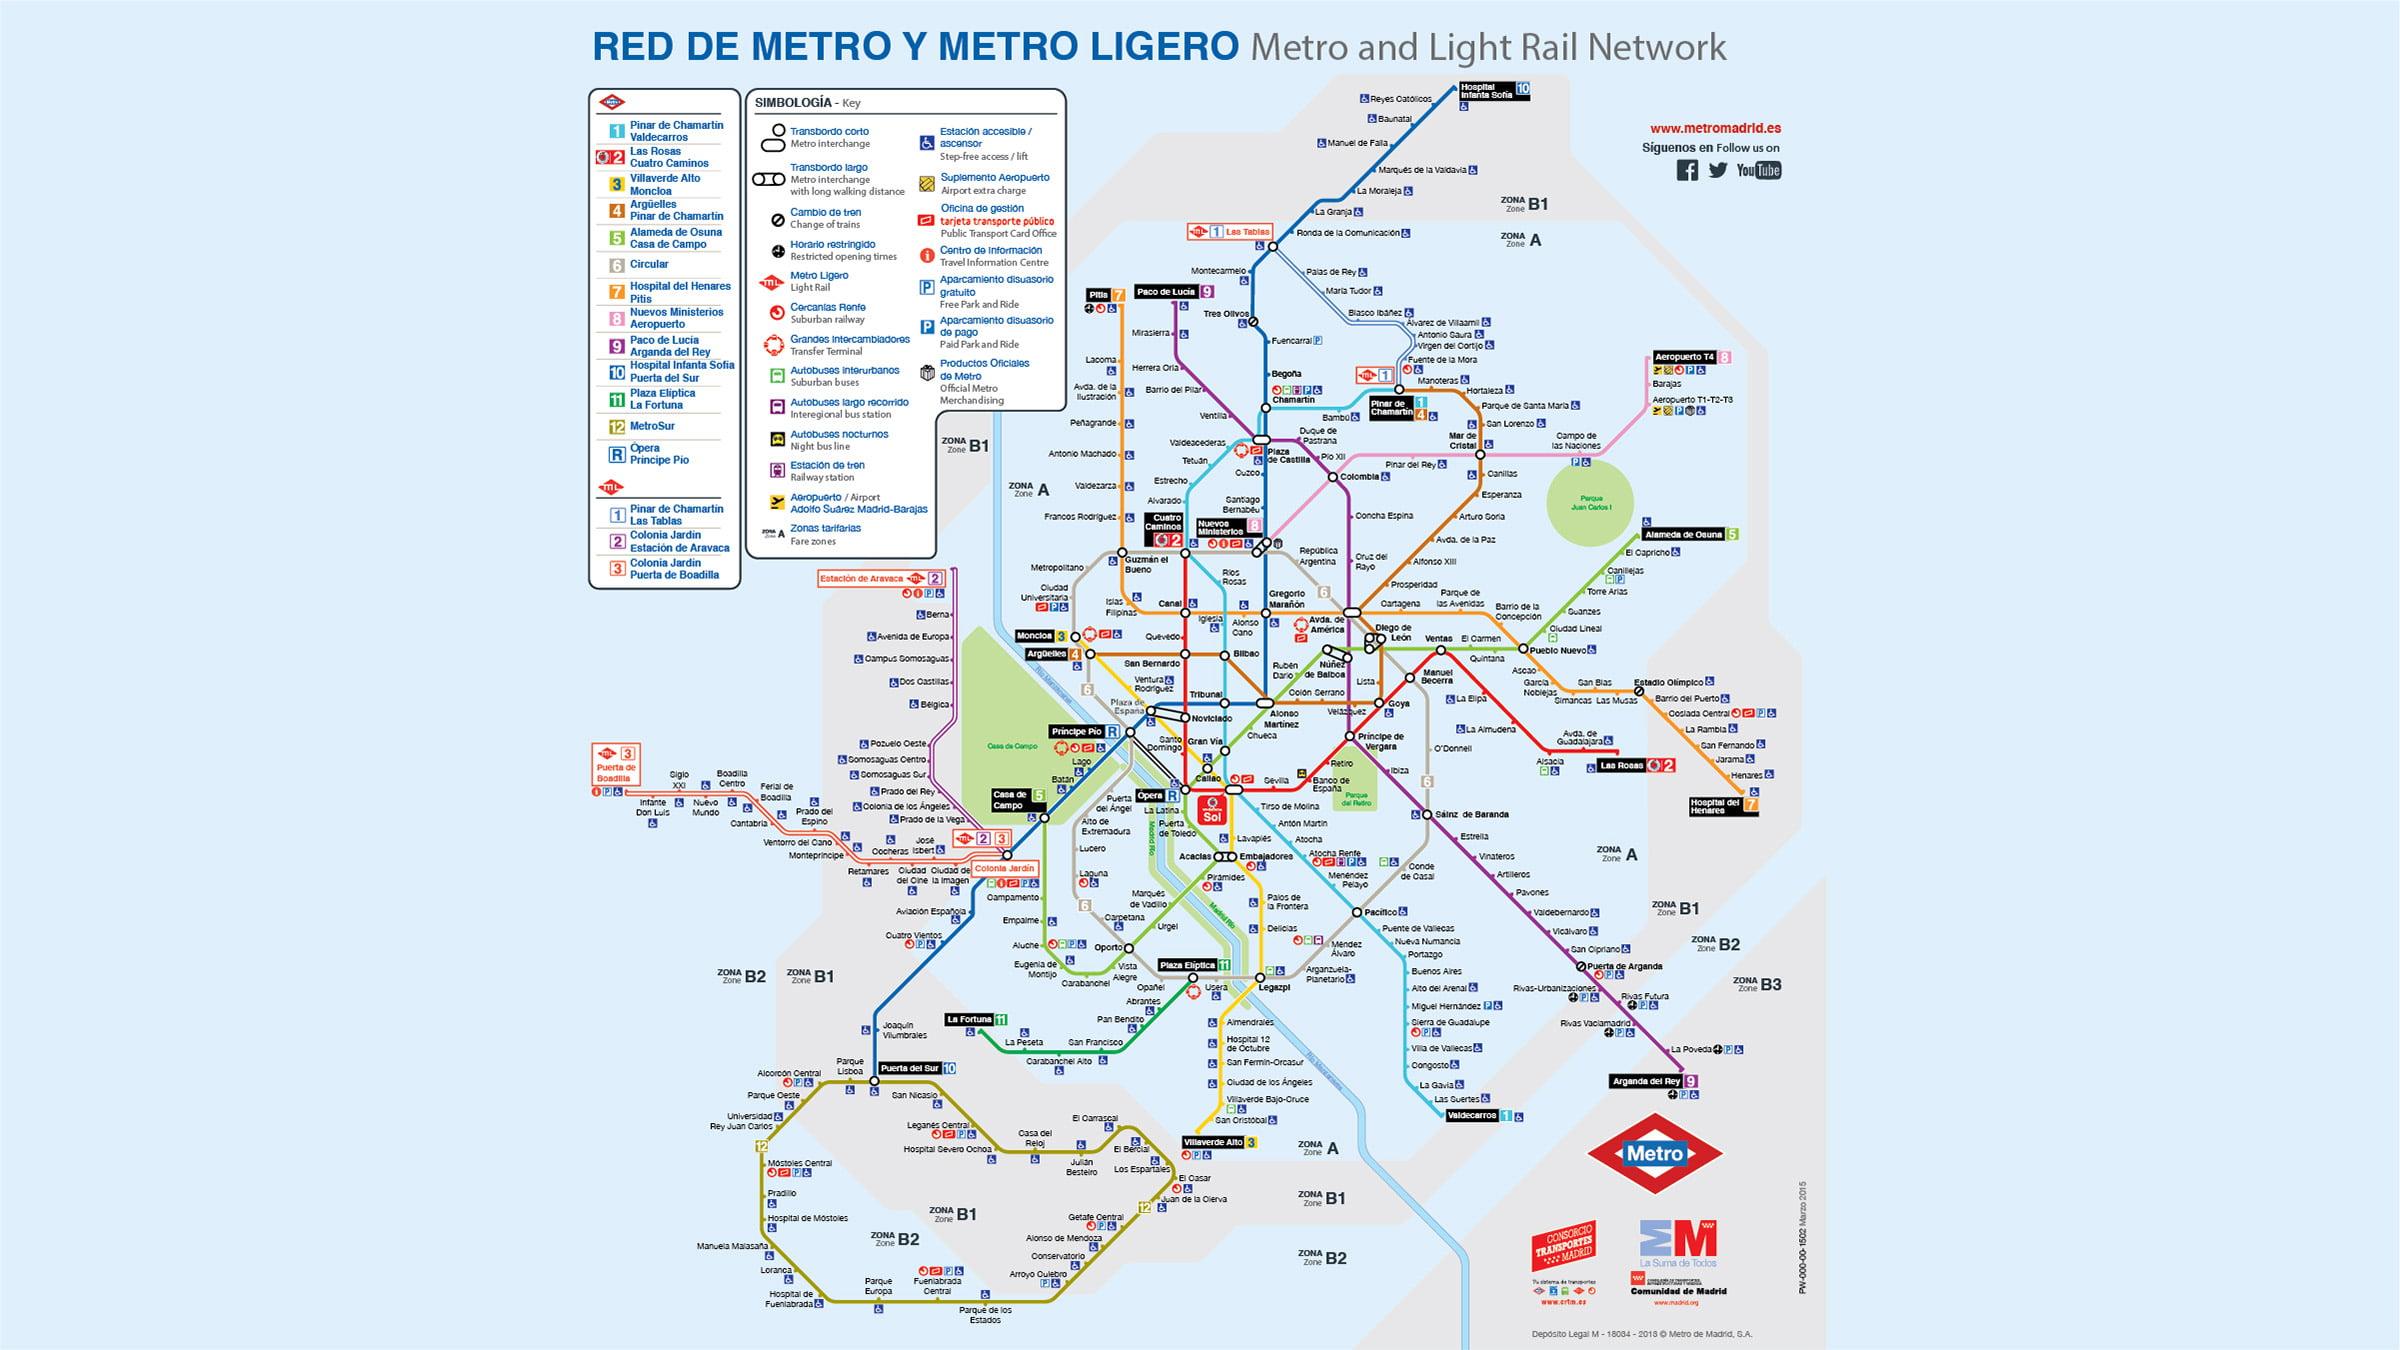 Mapa de la red de metro y metro ligero de madrid for Metro ligero colonia jardin